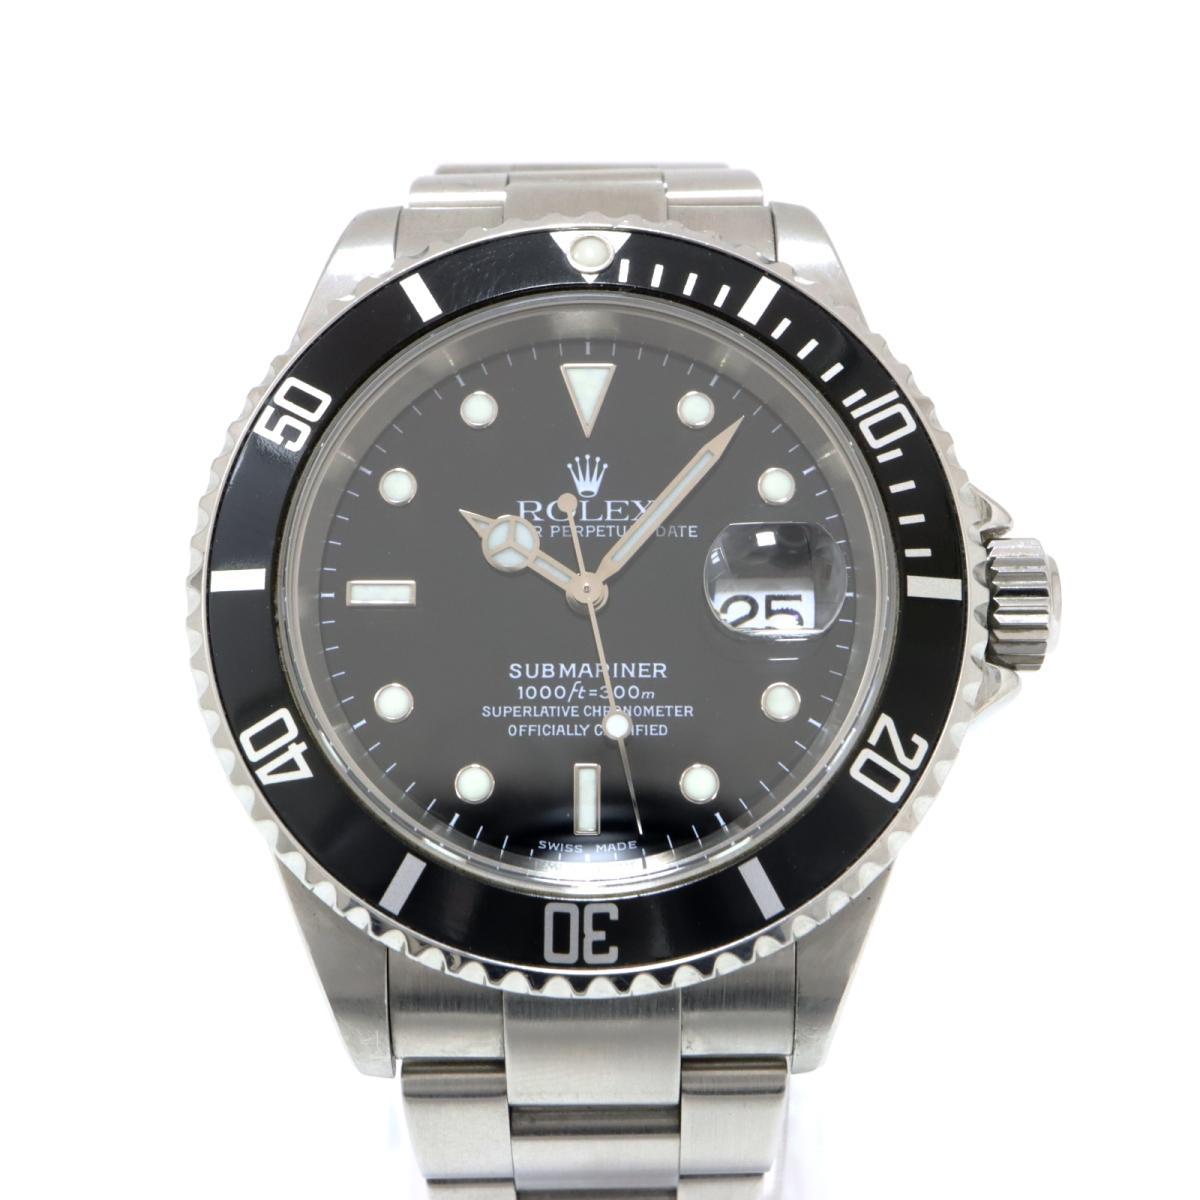 【中古】 ロレックス サブマリーナ 腕時計 メンズ ステンレススチール (SS) シルバー (16610) | ROLEX BRANDOFF ブランドオフ ブランド ブランド時計 ブランド腕時計 時計 ウォッチ